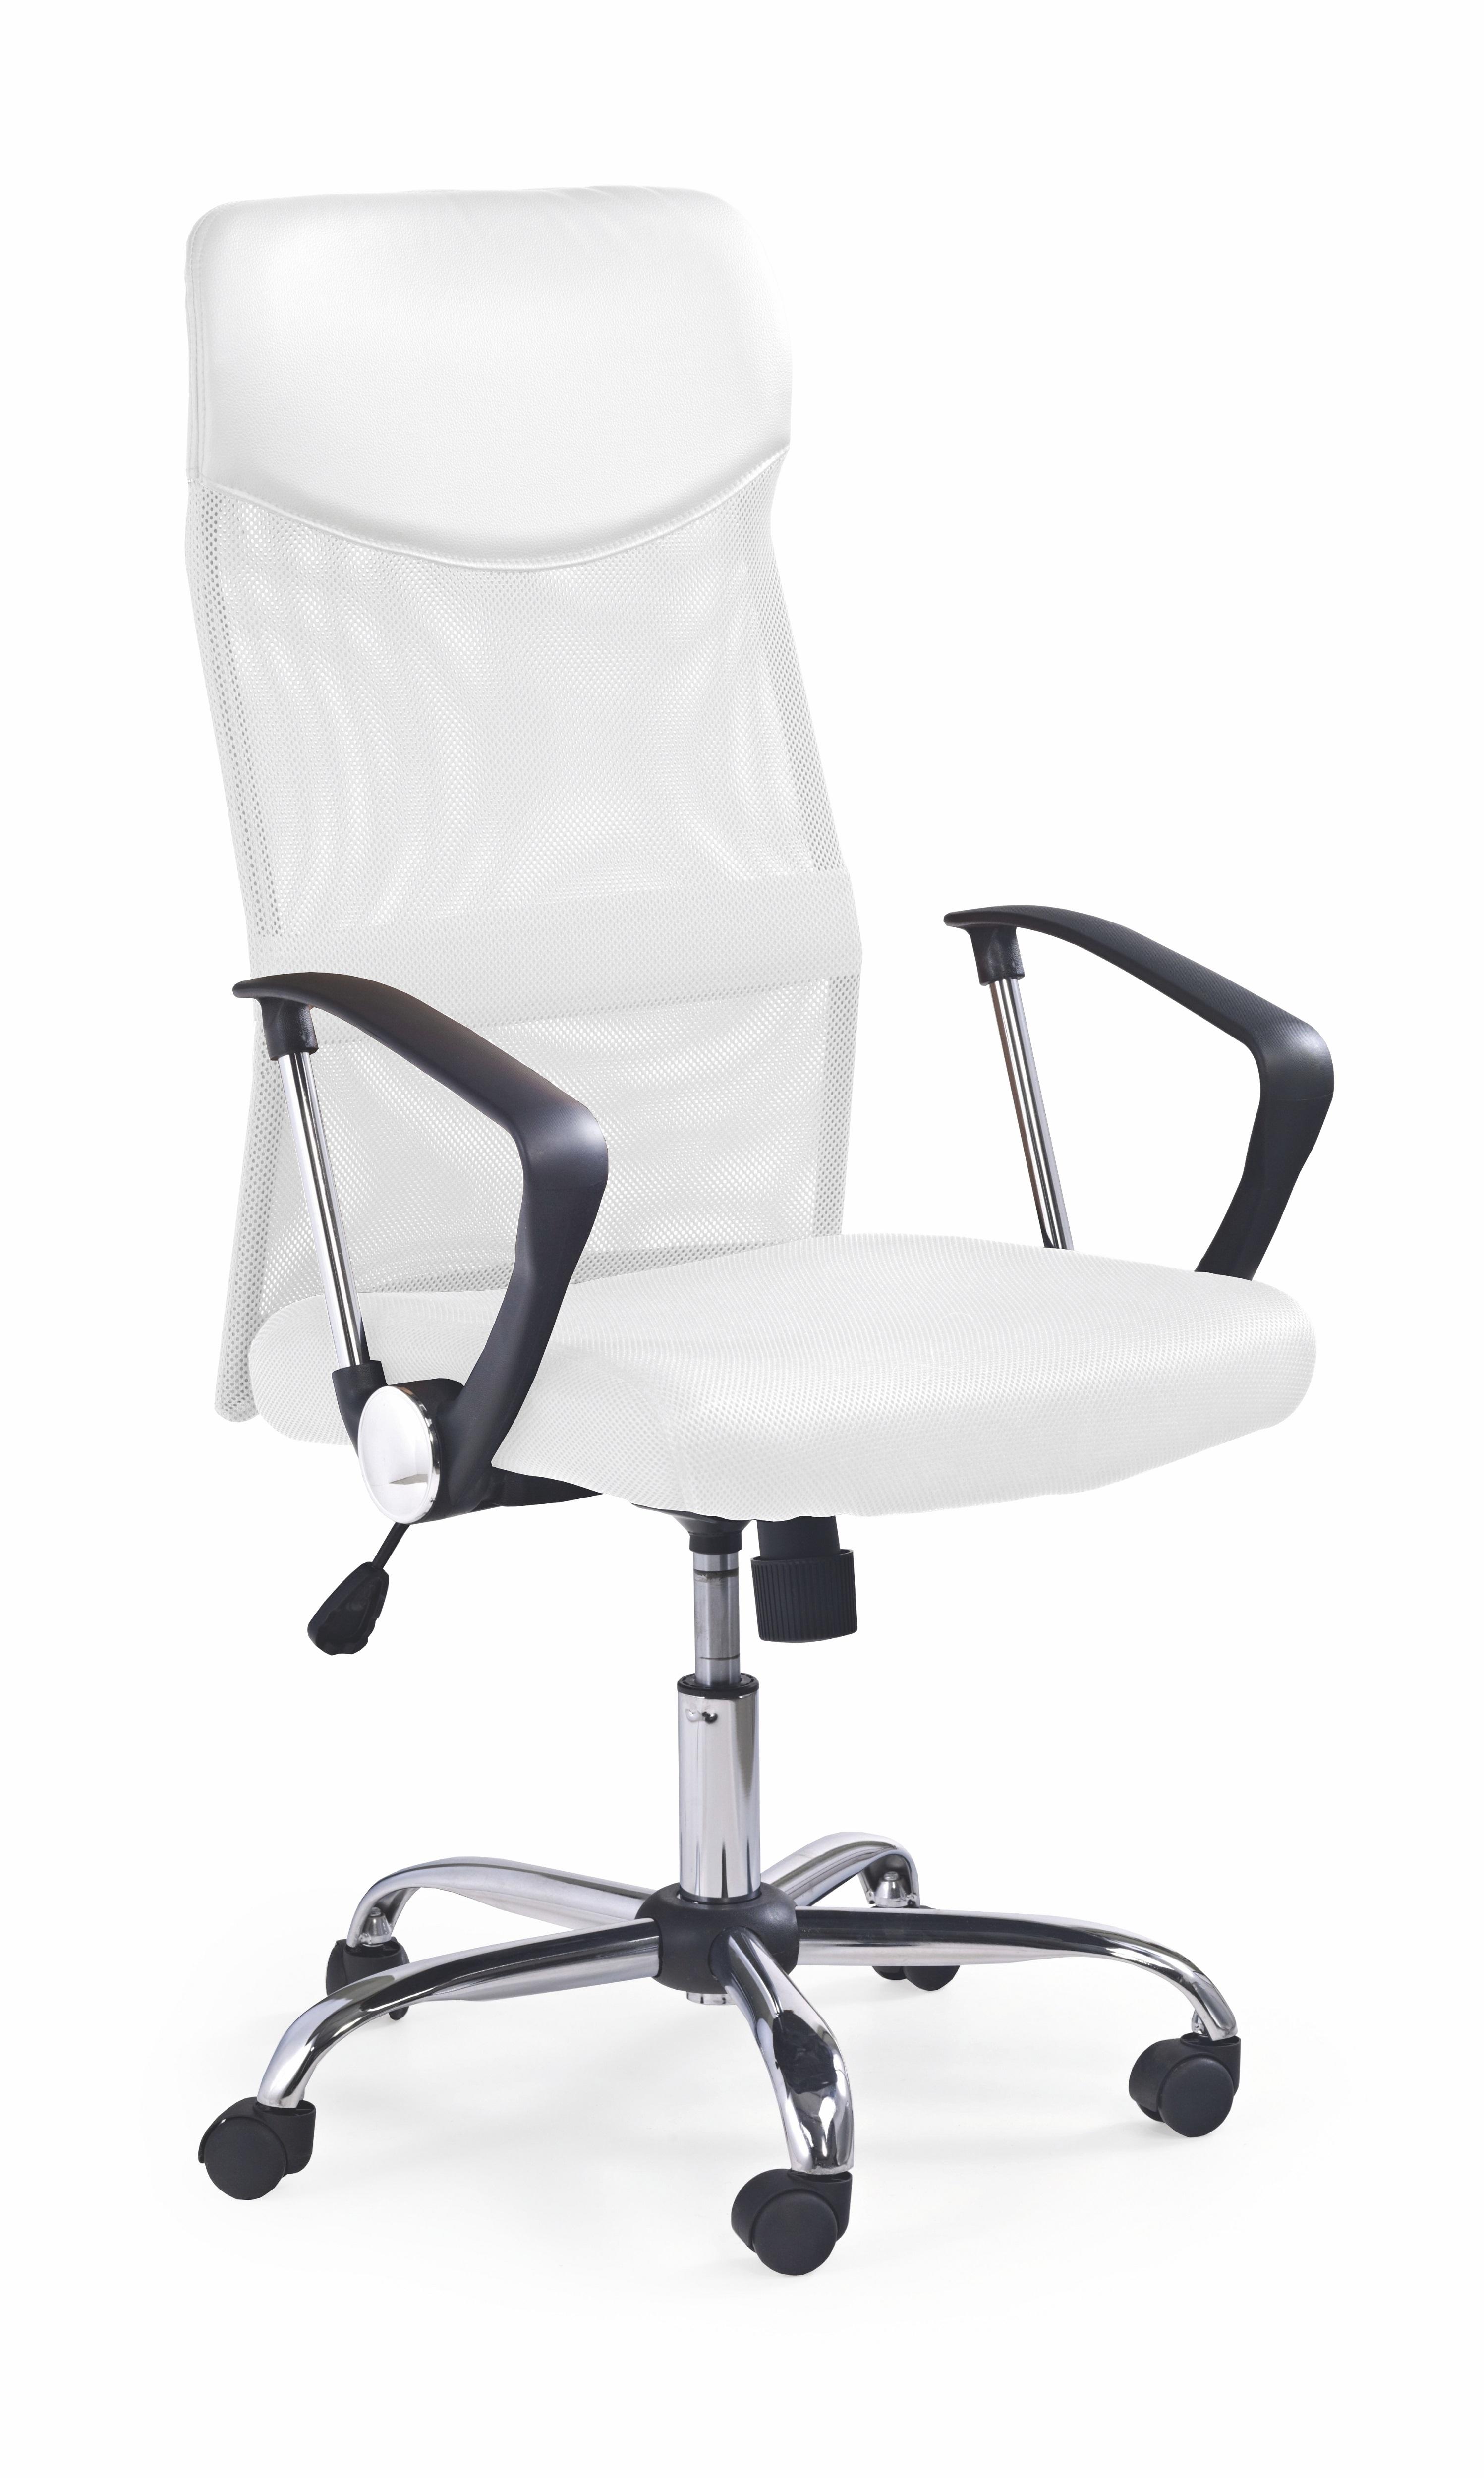 Scaun de birou ergonomic tapitat cu stofa Vire White, l61xA63xH110-120 cm imagine